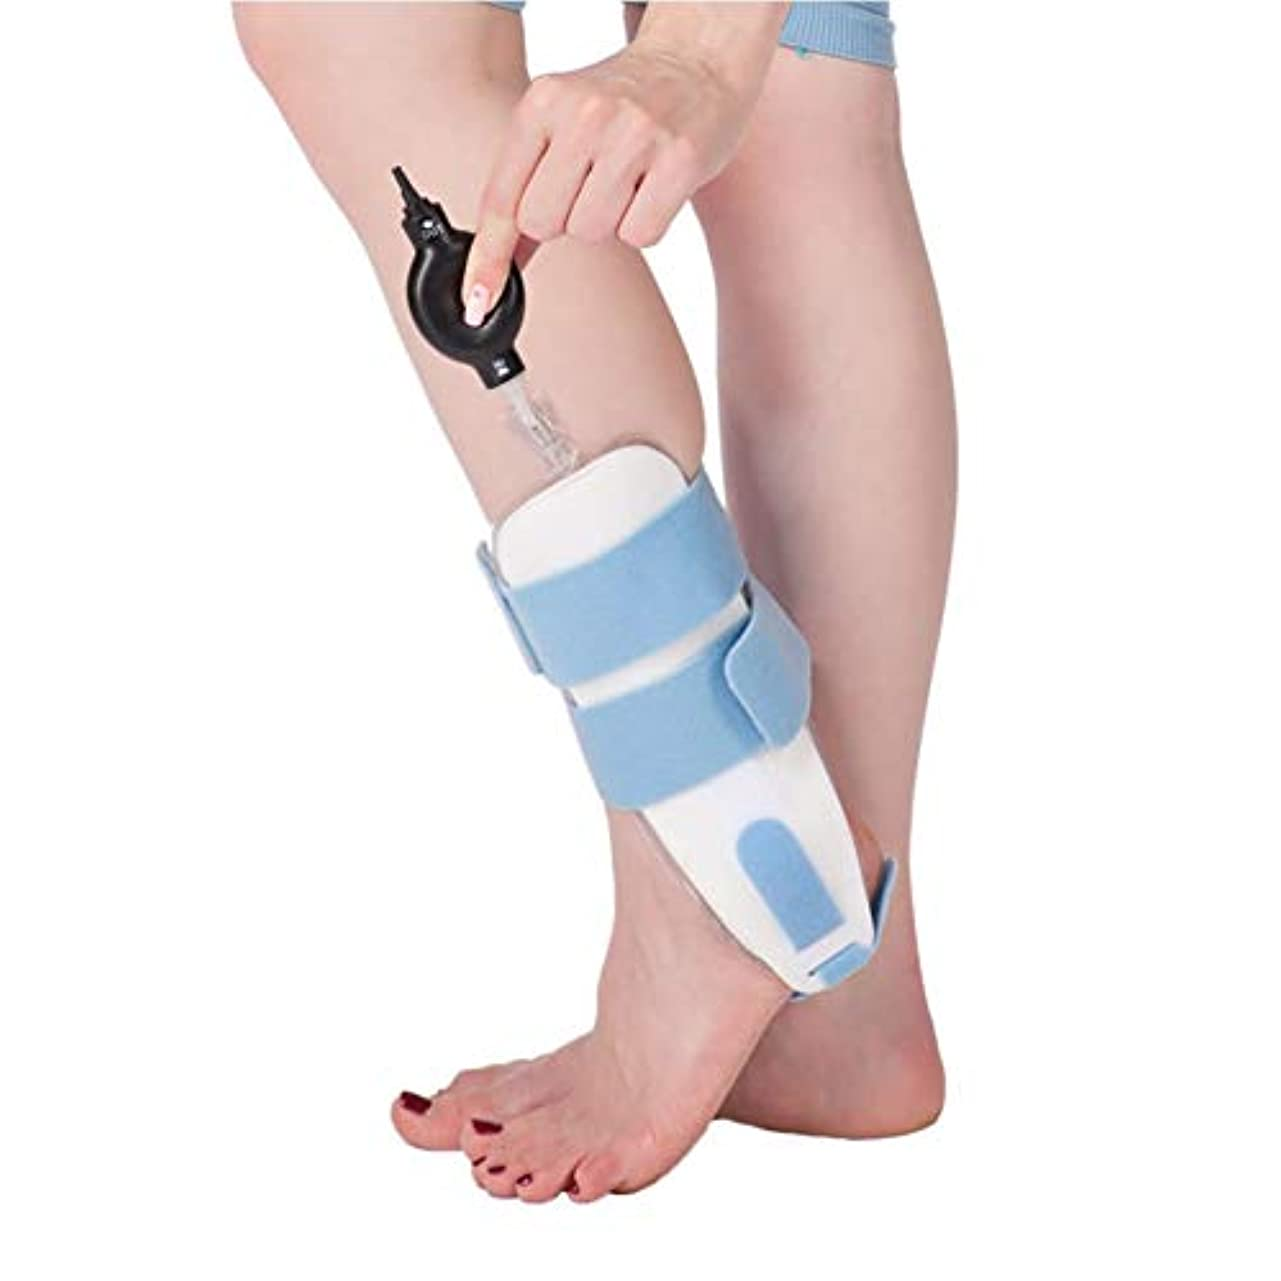 フレキシブル同種のマイコン足首の装具の膨脹可能な足首の保護装置は石膏の足の捻rainの固定副木を取り替えることができます